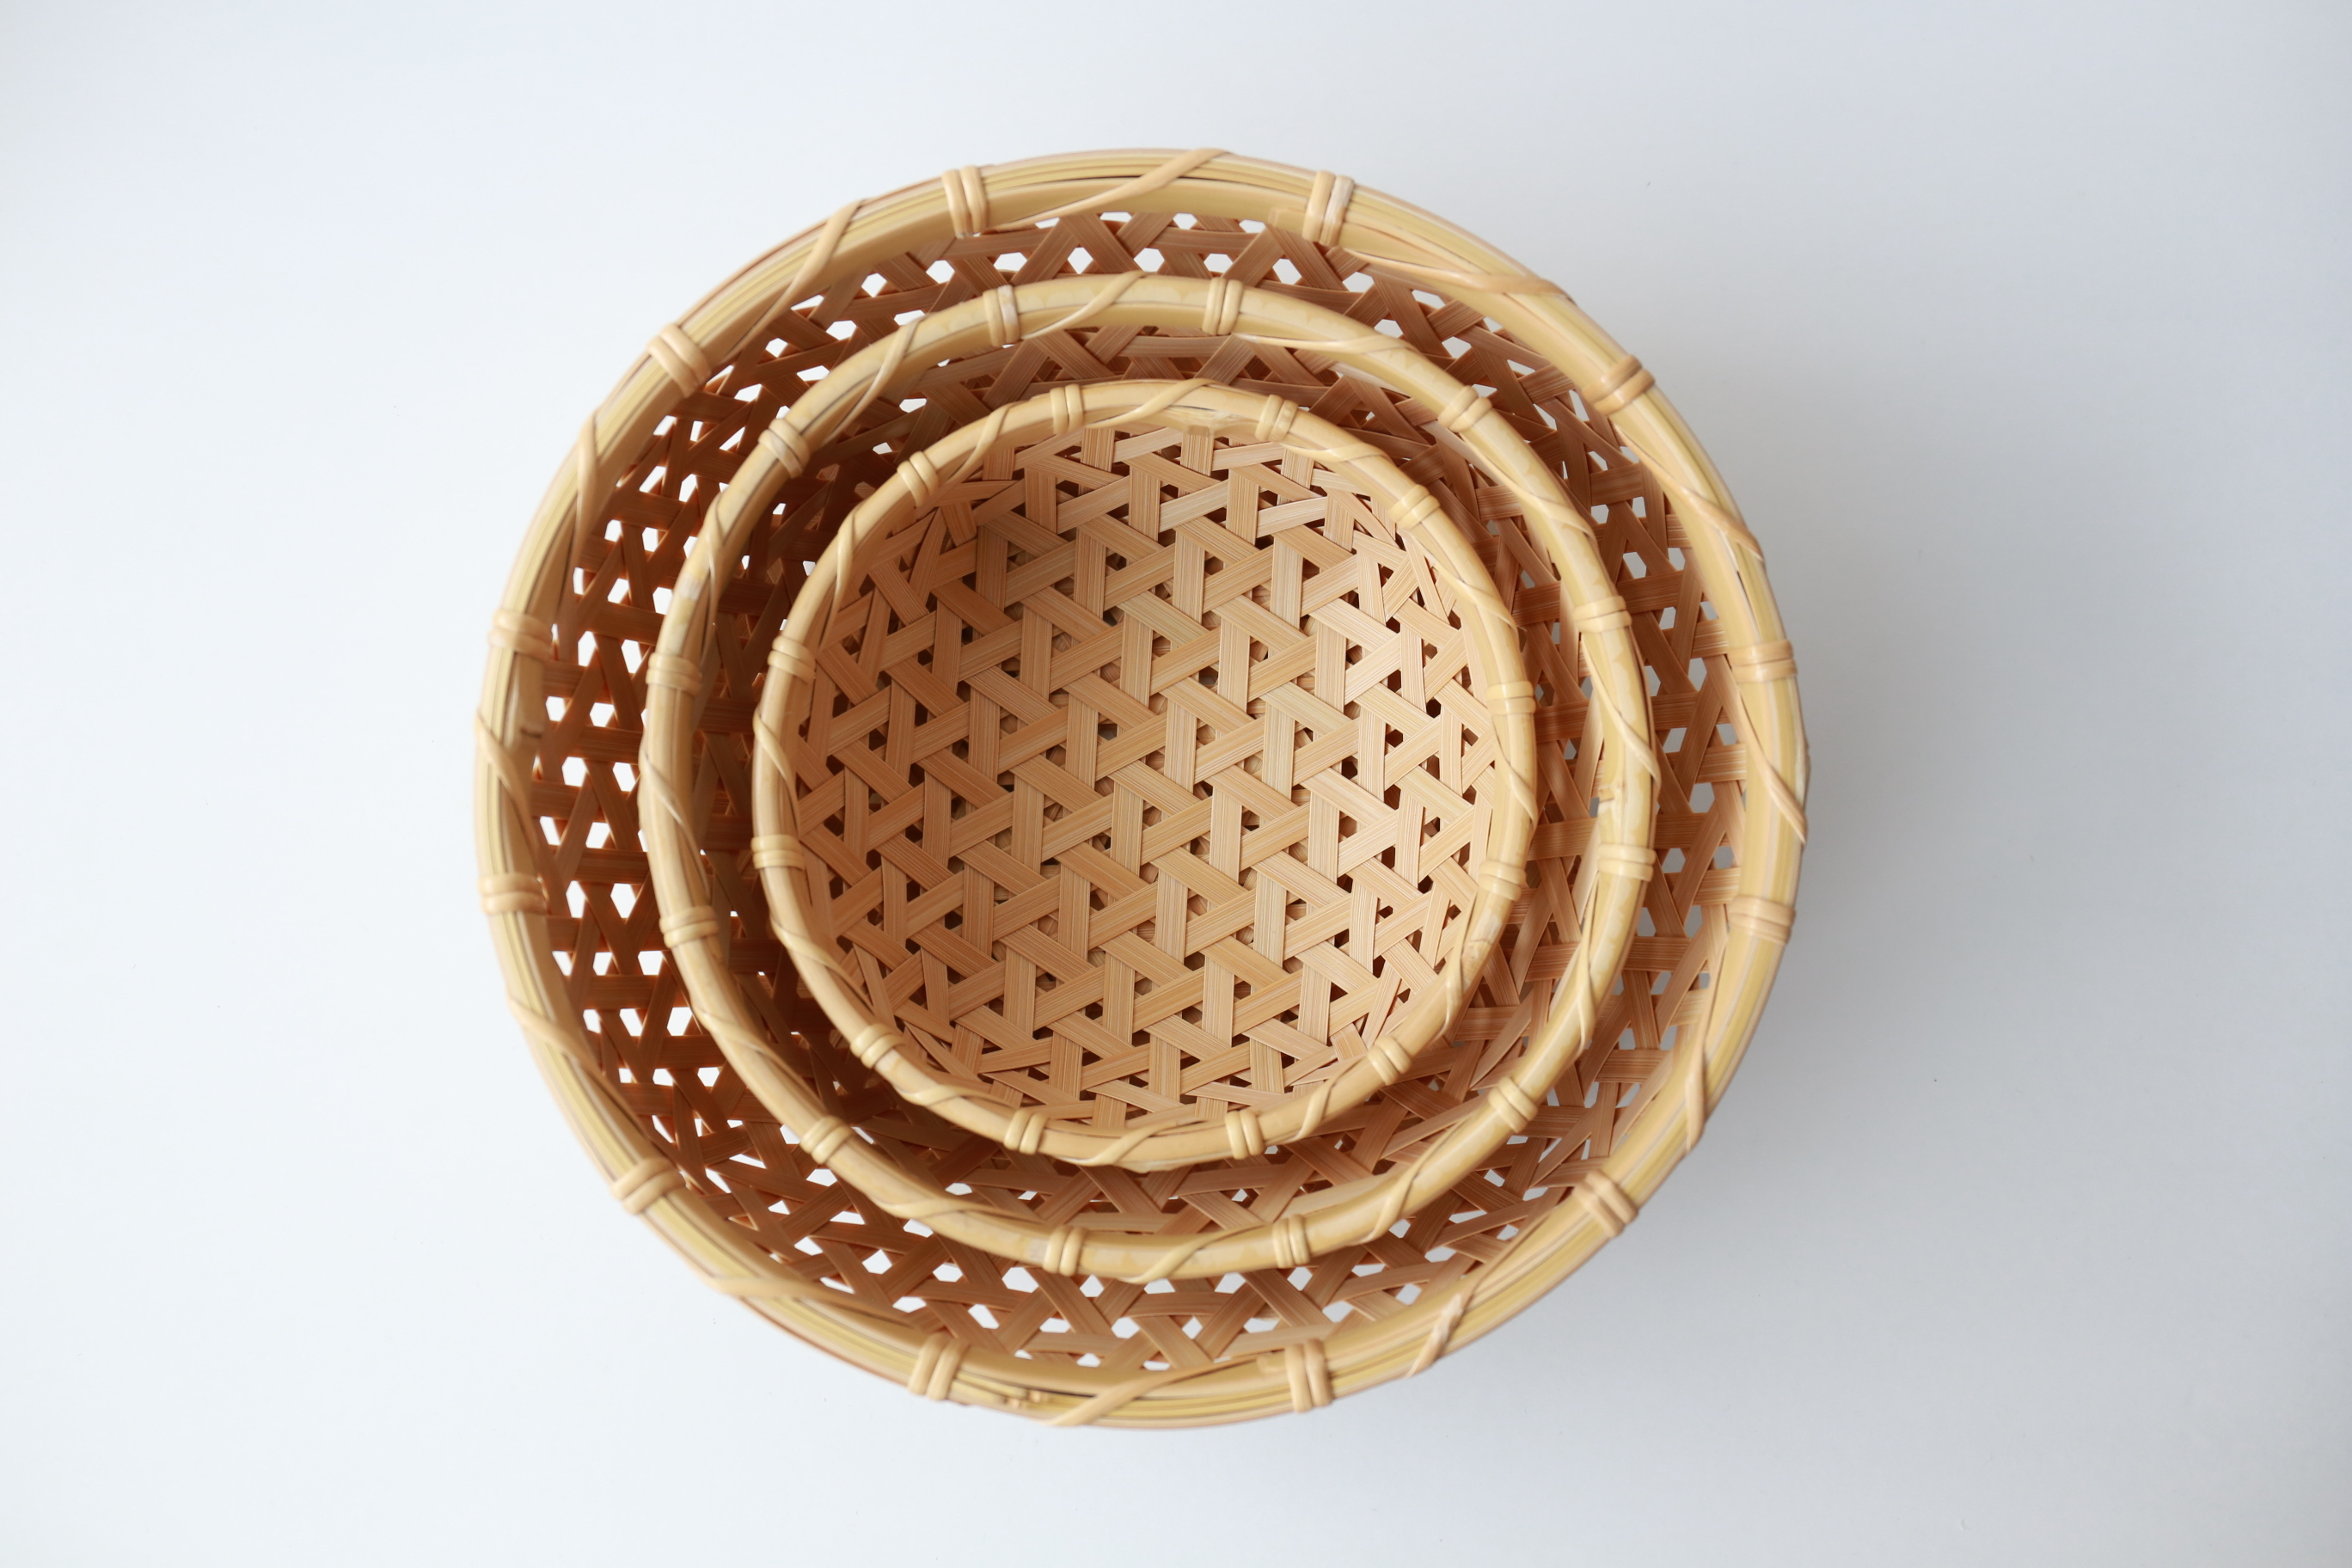 けはれ竹工房 果菜盛りカゴ 中